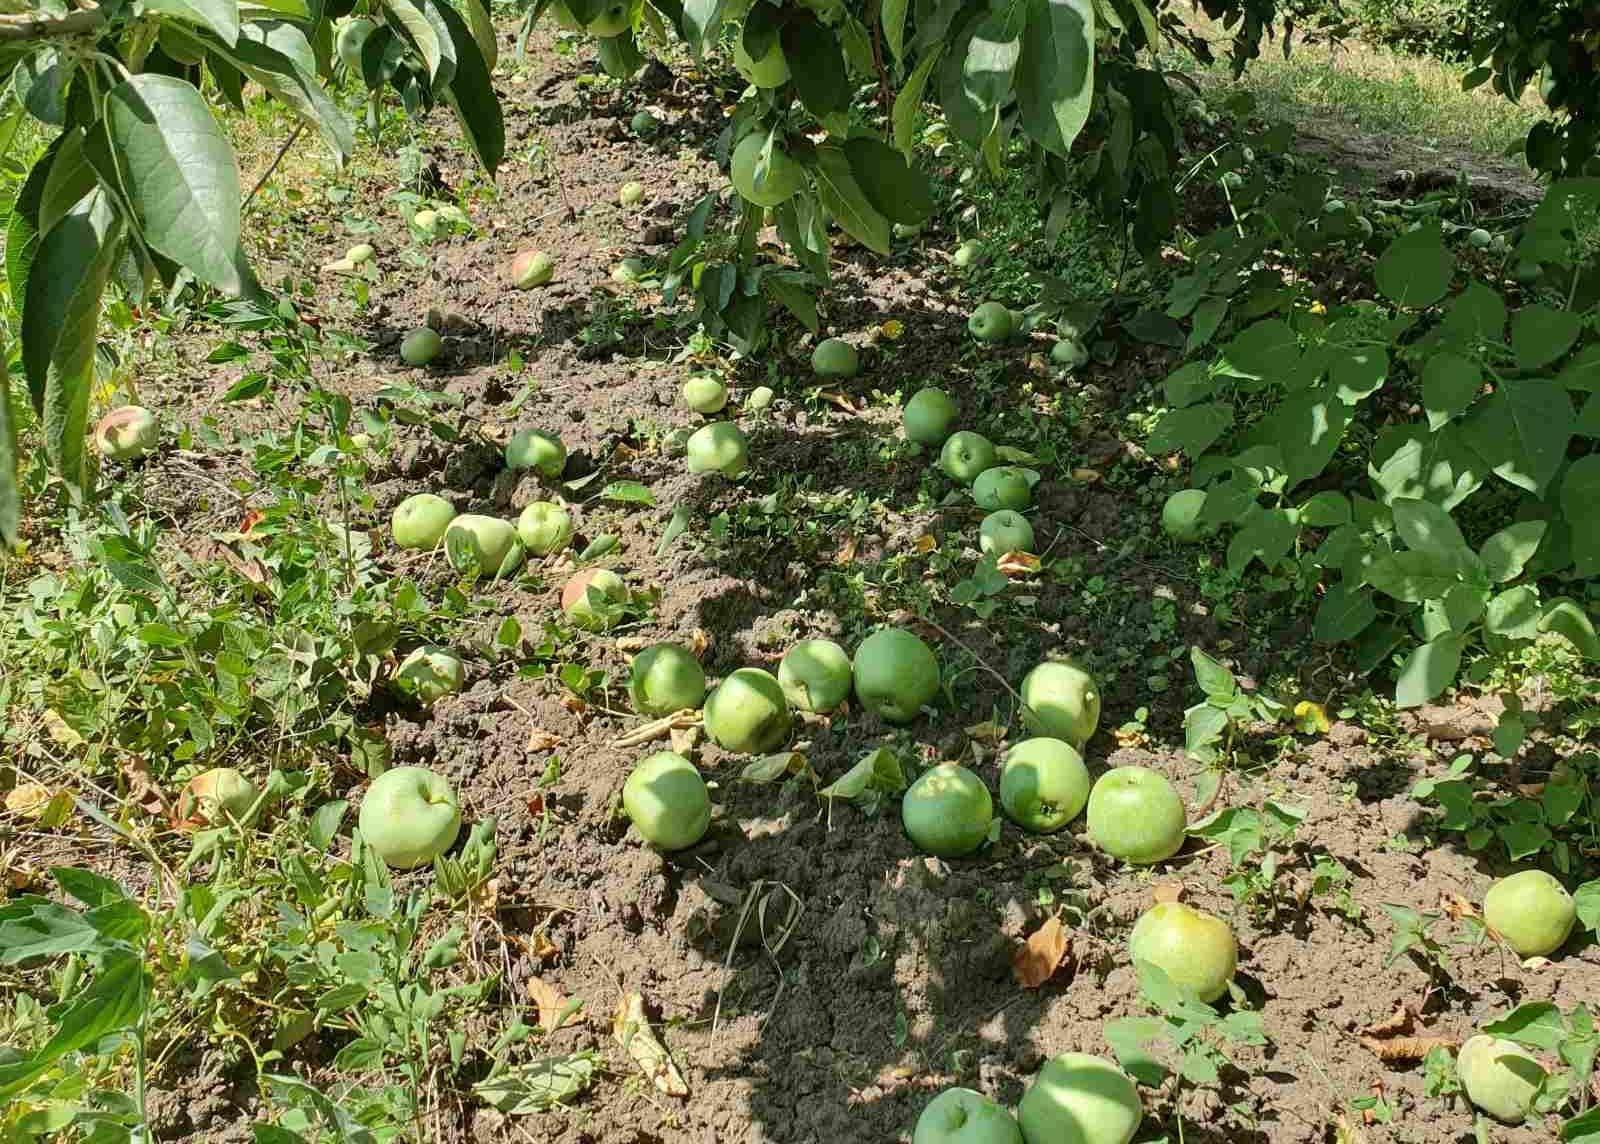 Din cauza secetei, în livezile din nordul țării, cad merele de pe pomi